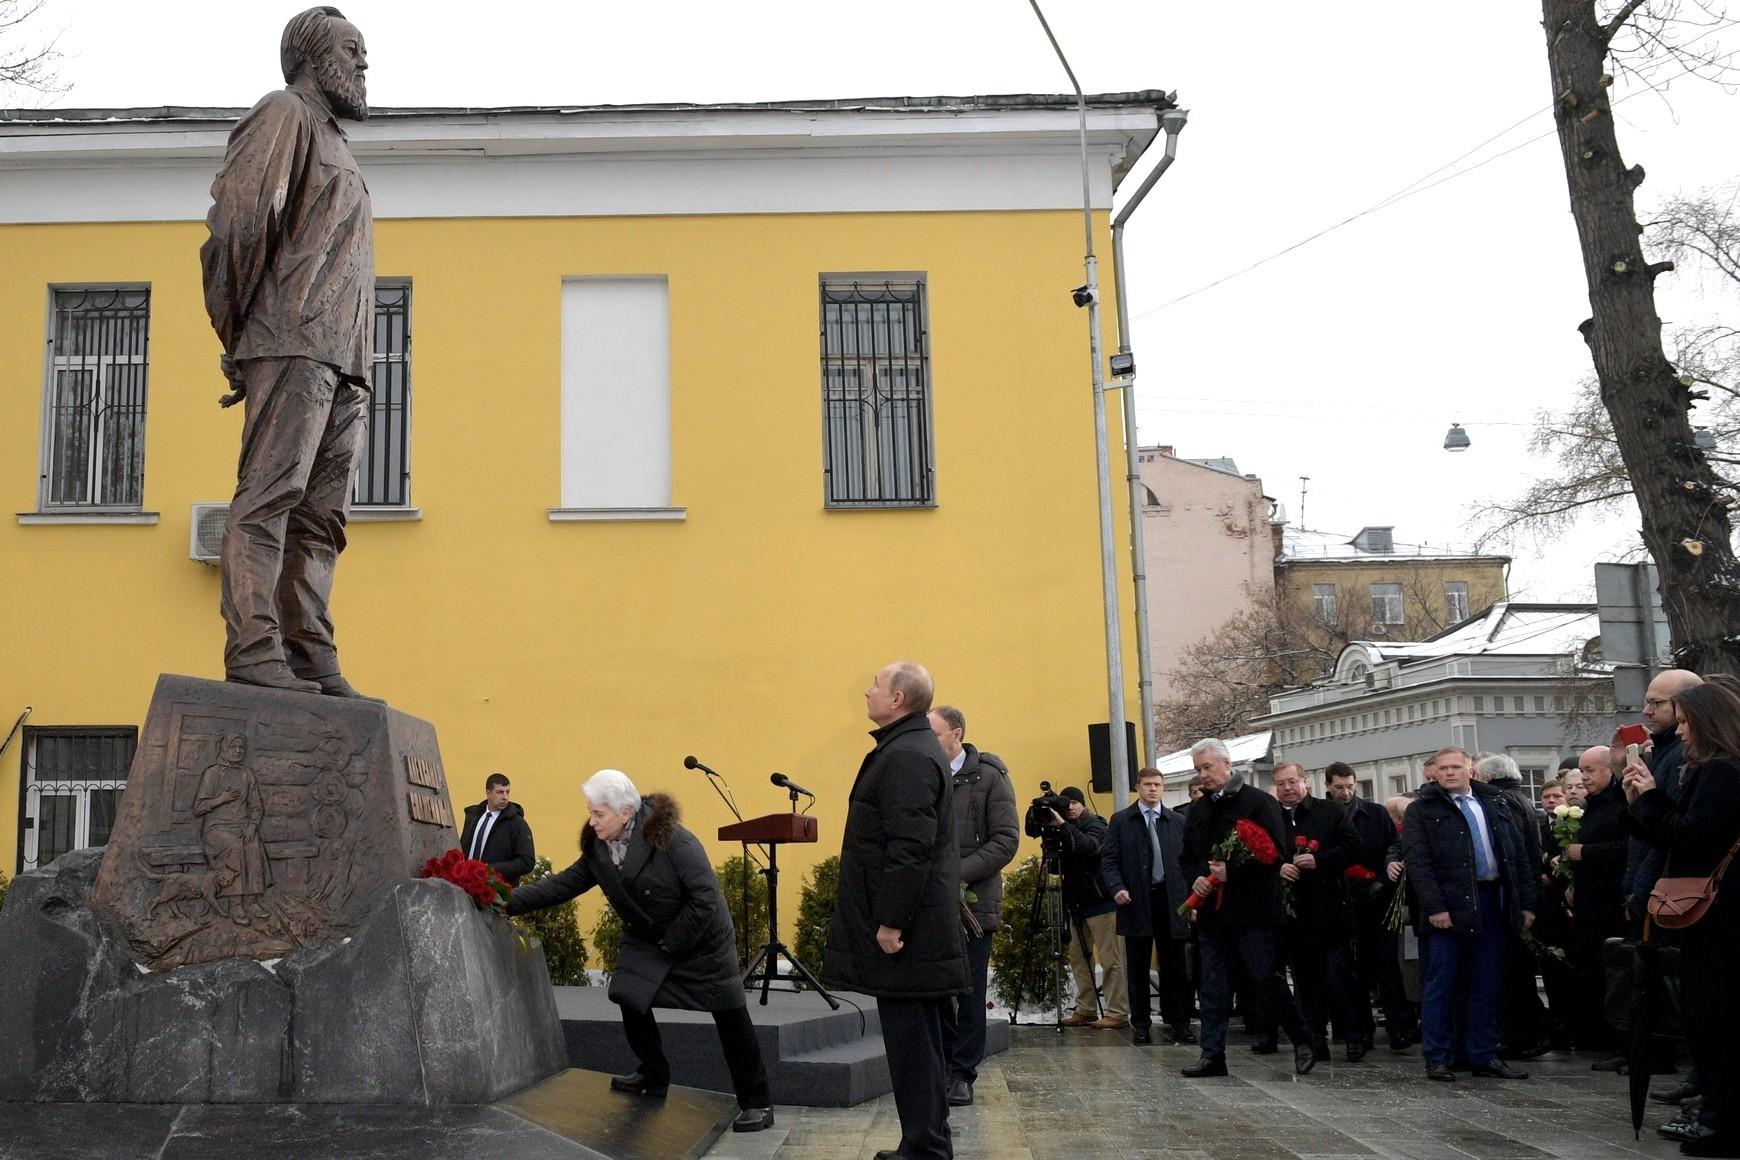 Predsednik Rusije Vladimir Putin tokom otkrivanja spomenika Aleksandru Solženjicinu u Moskvi, 11. decembar 2018. (Foto: kremlin.ru)